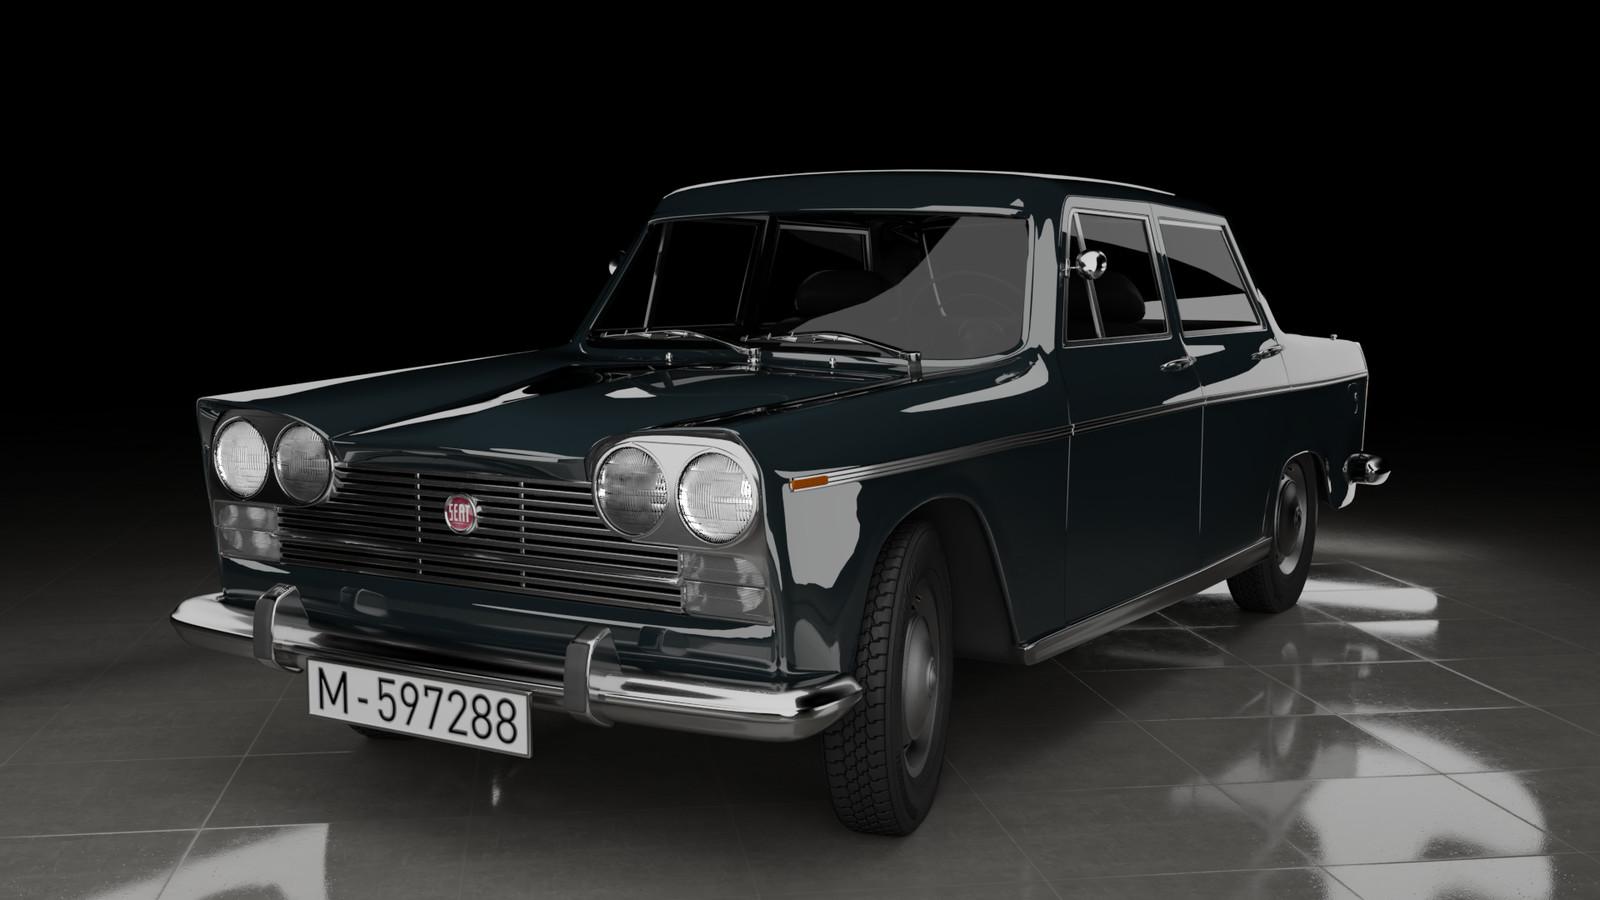 SEAT 1500 car model